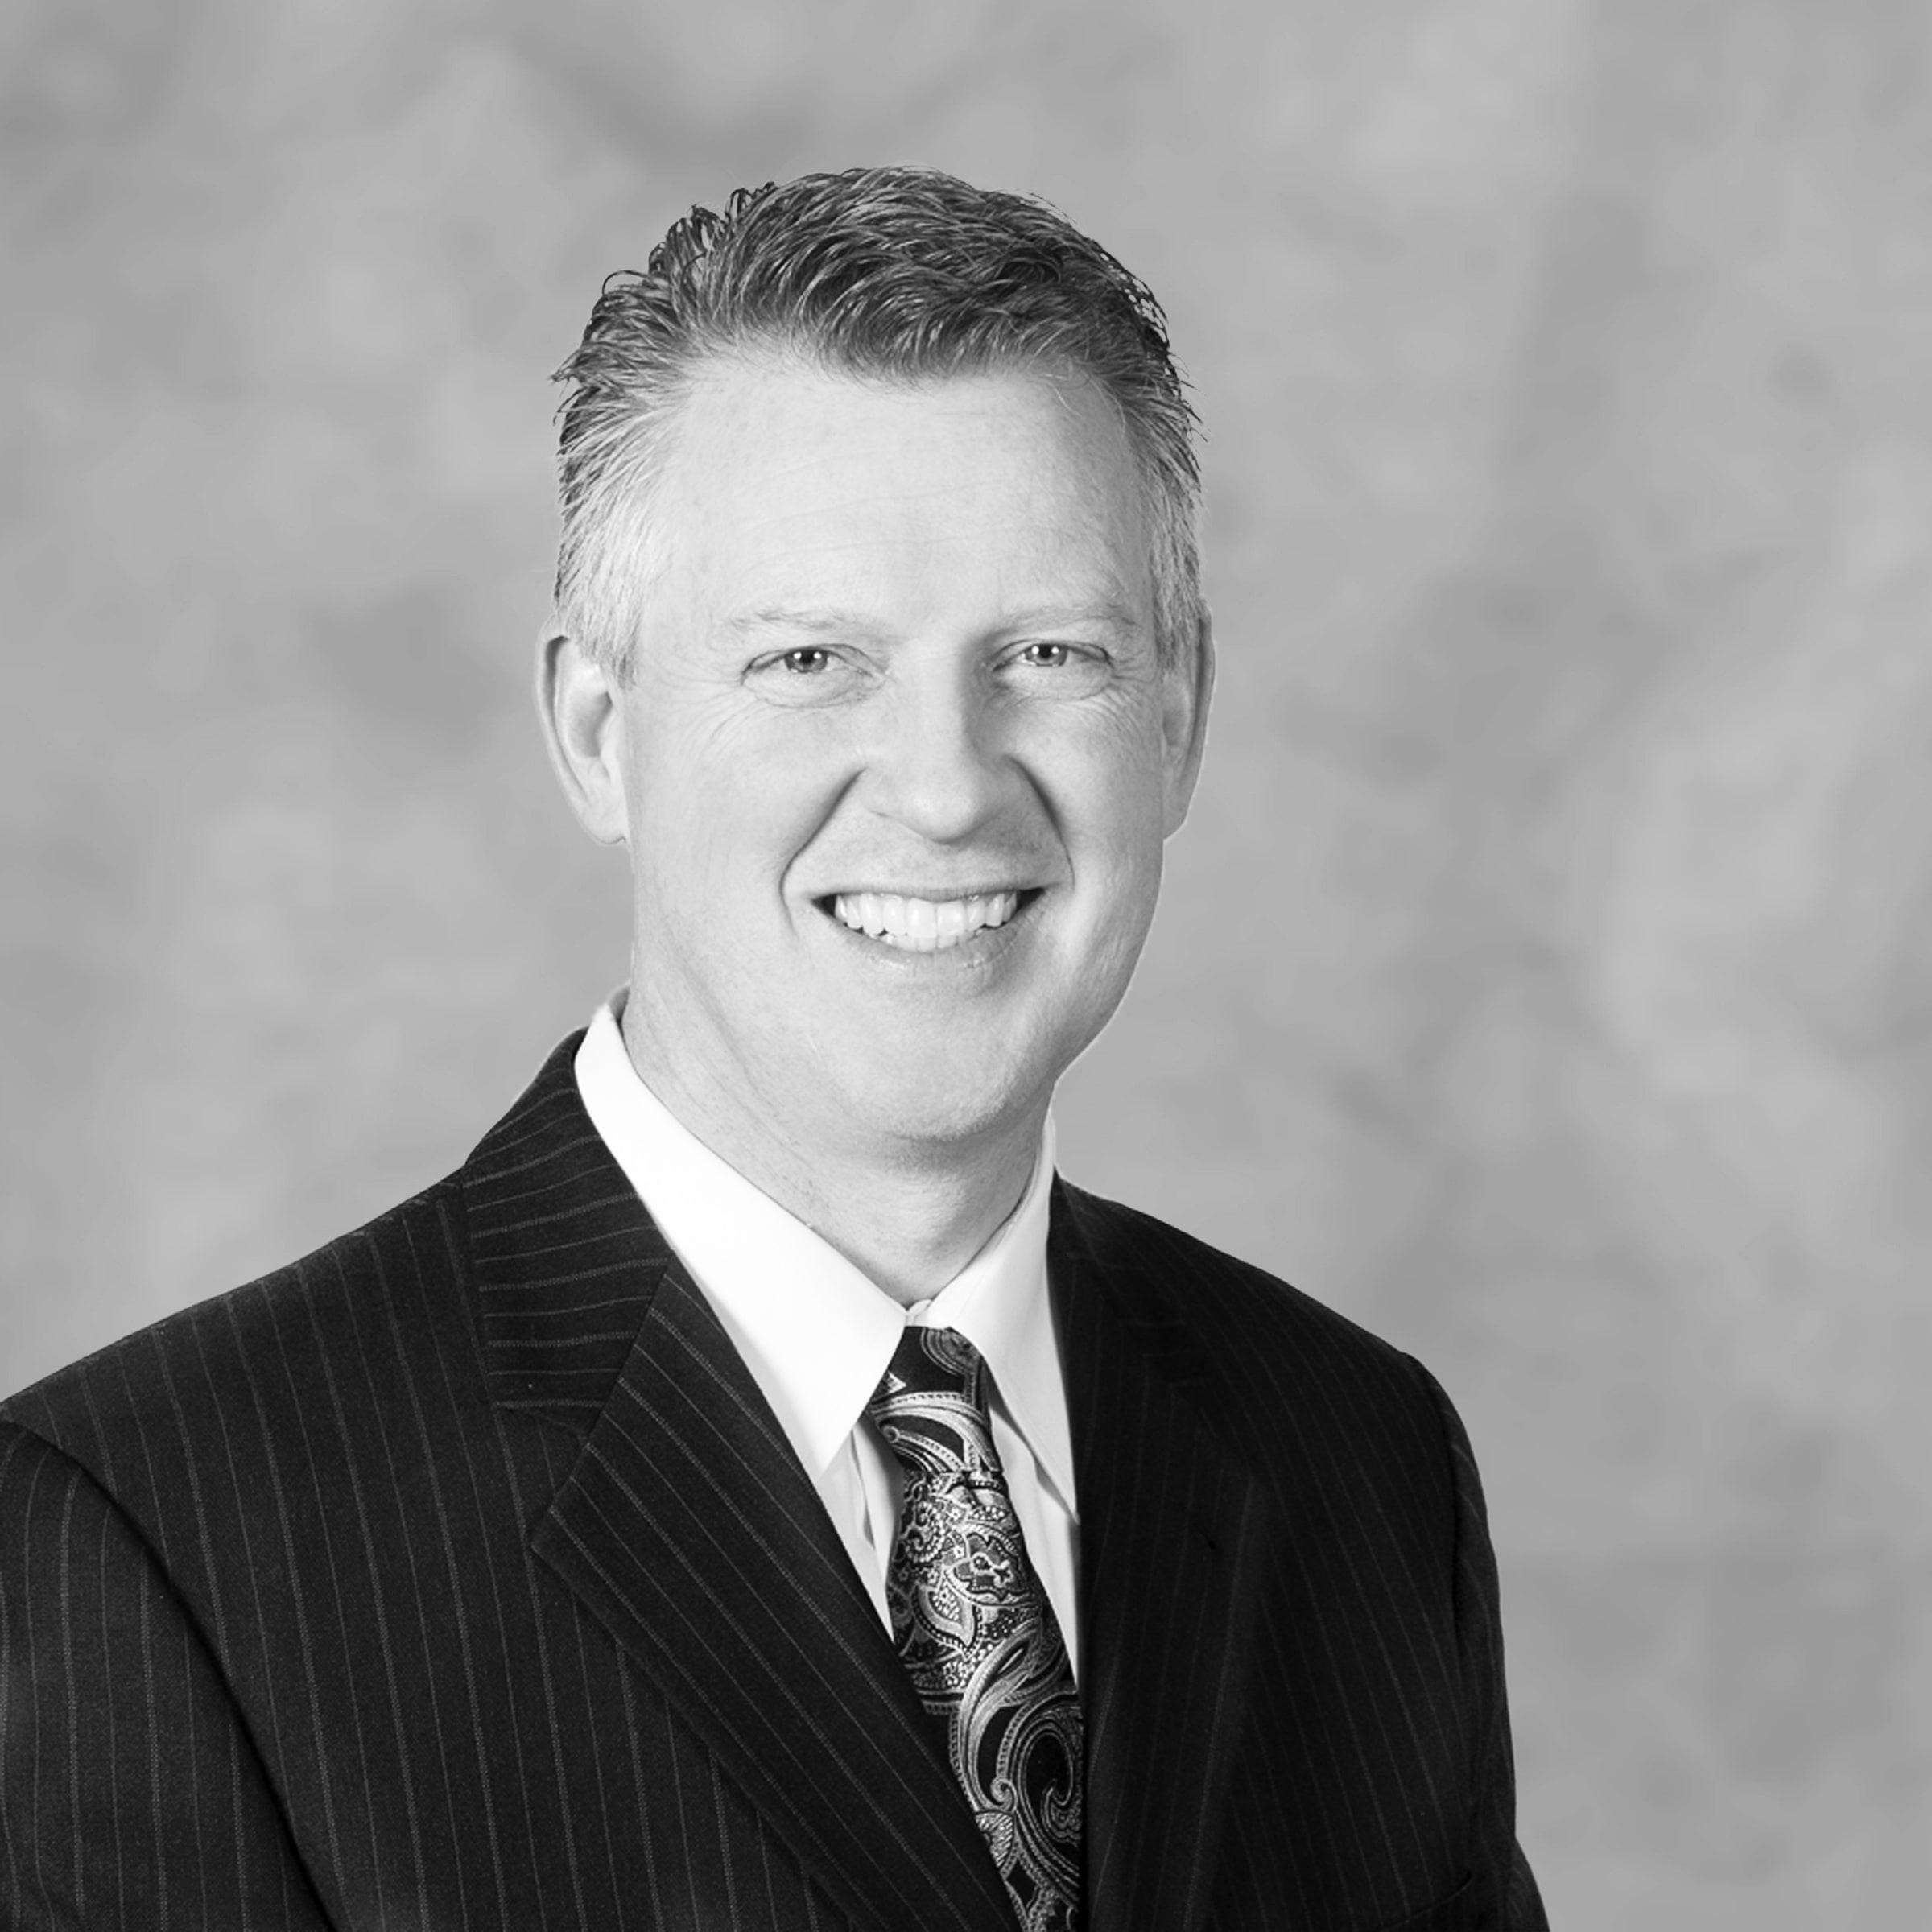 Michael D Kaufman, DC Chiropractor